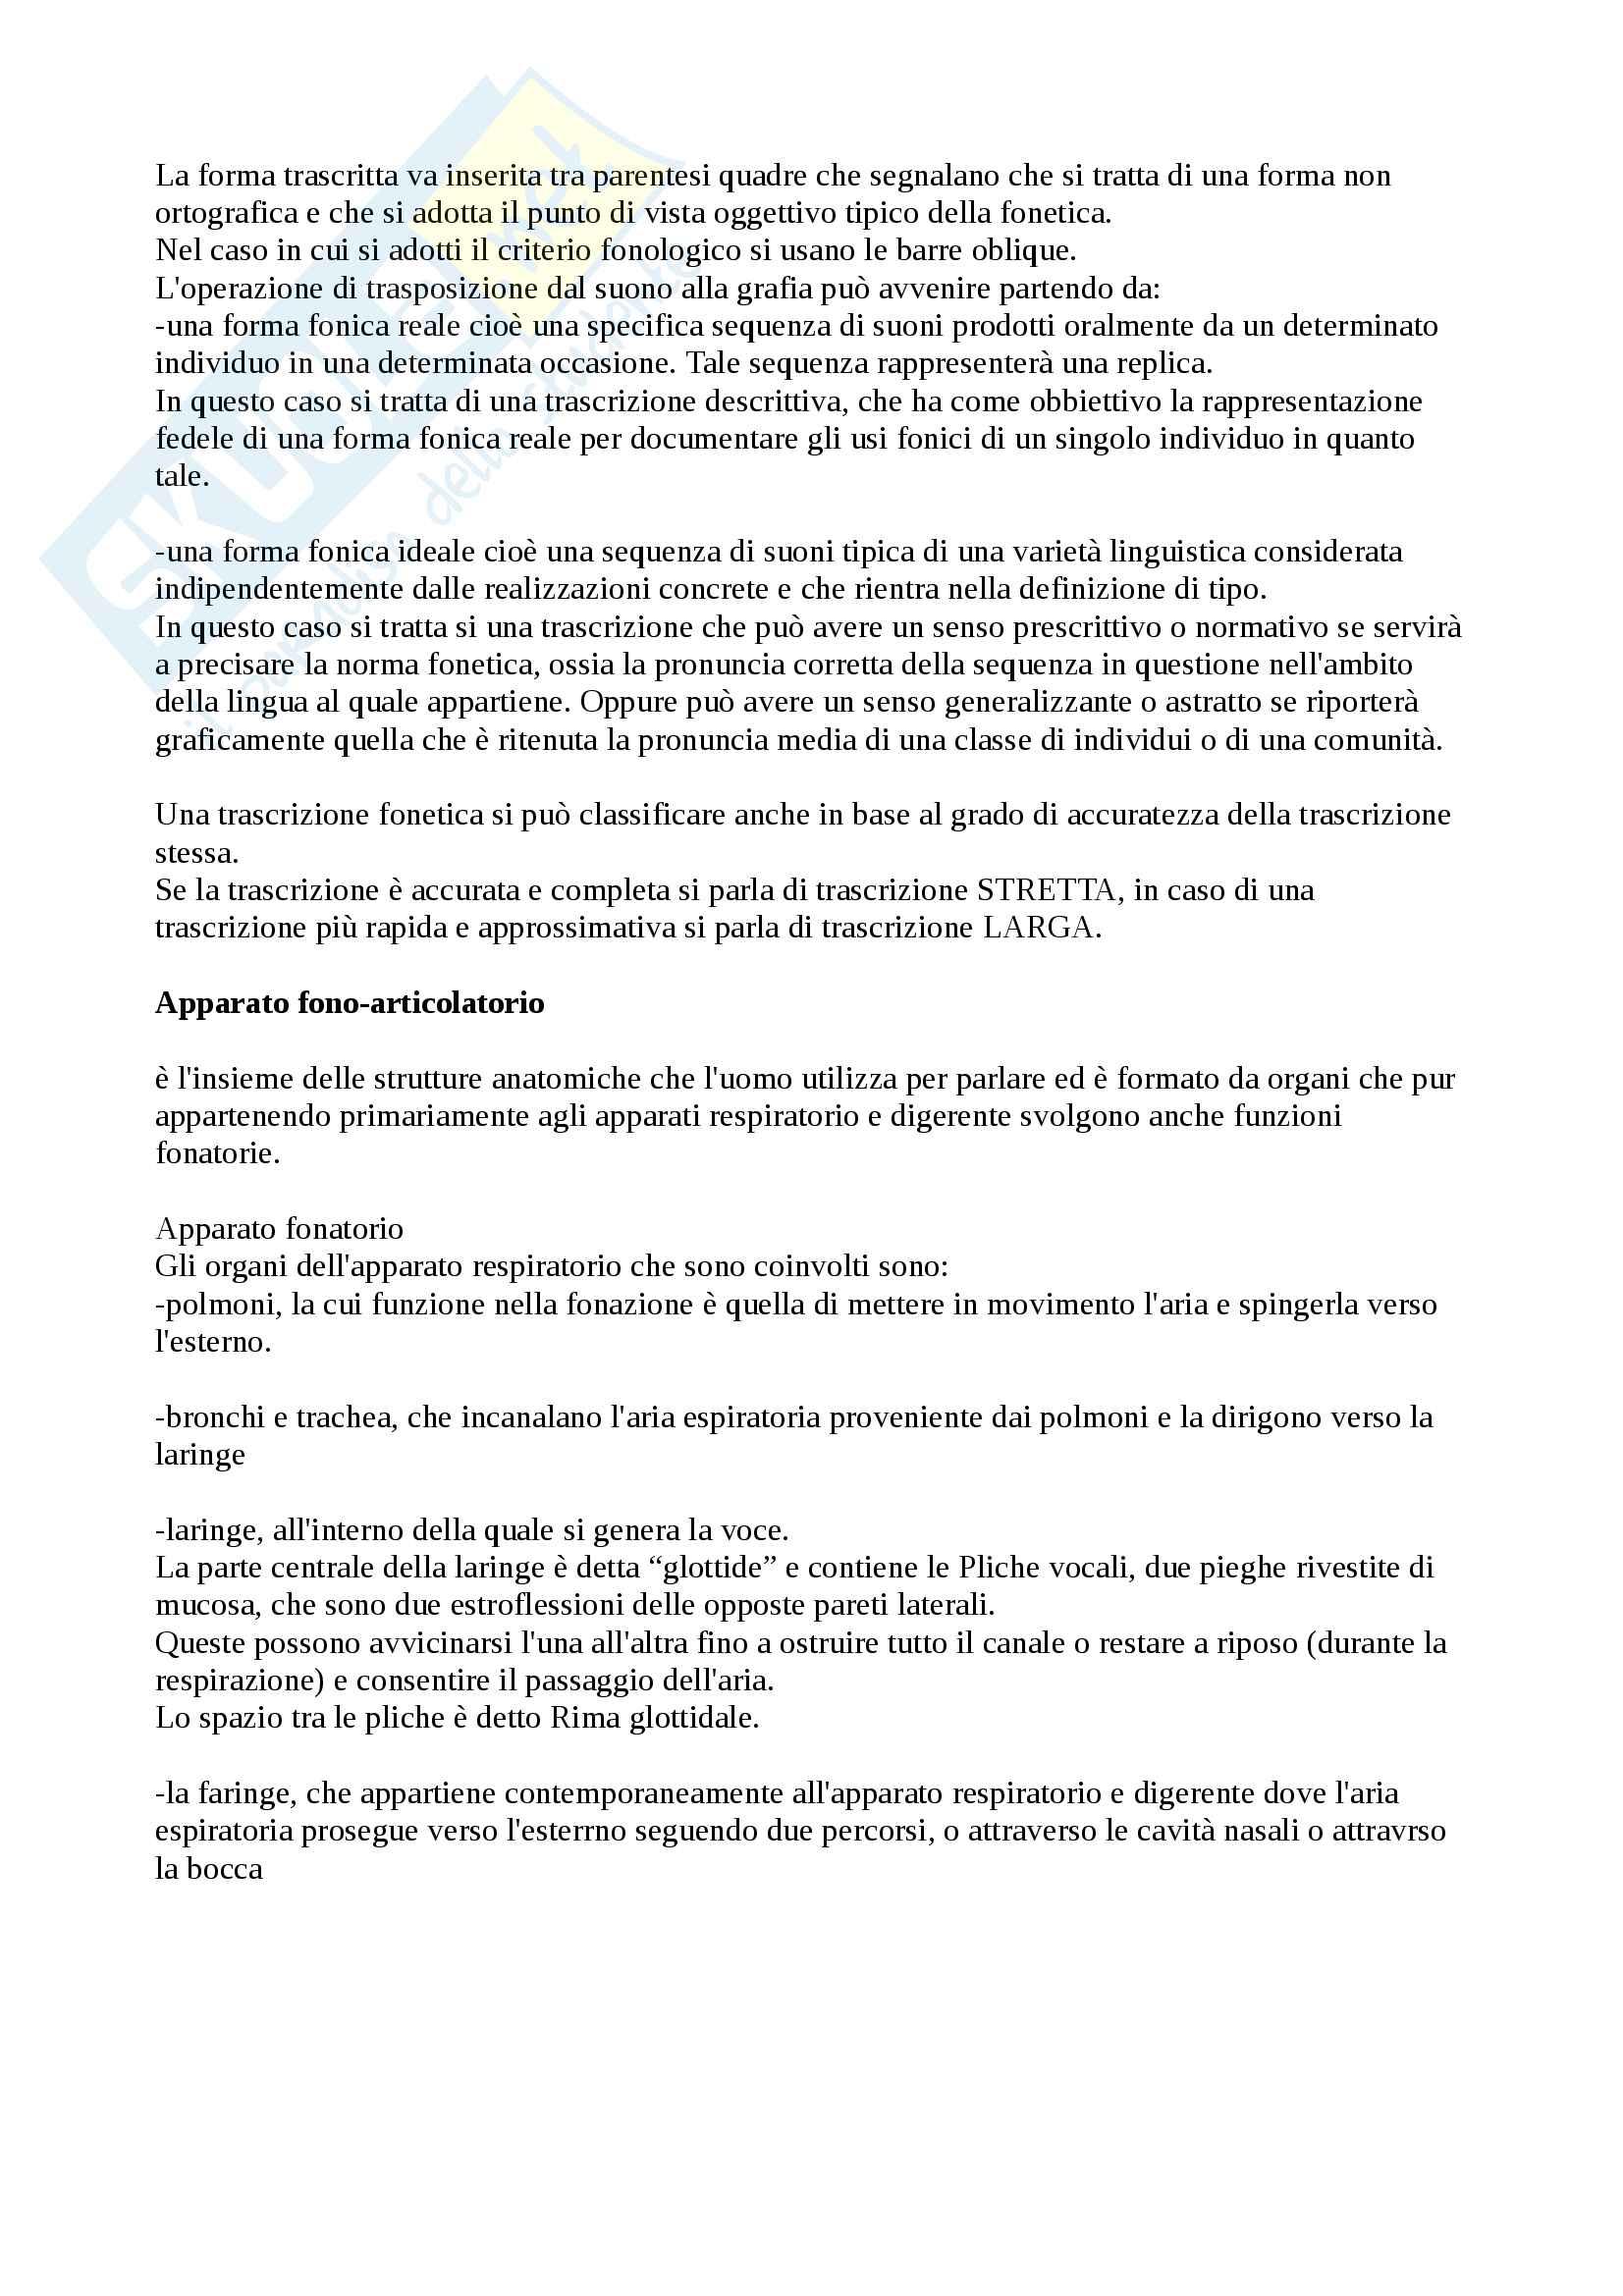 """Riassunto di fonetica e fonologia, esame di linguistica generale, libro consigliato """"I suoni delle lingue I suoni dell'italiano"""" di P. Maturi Pag. 2"""